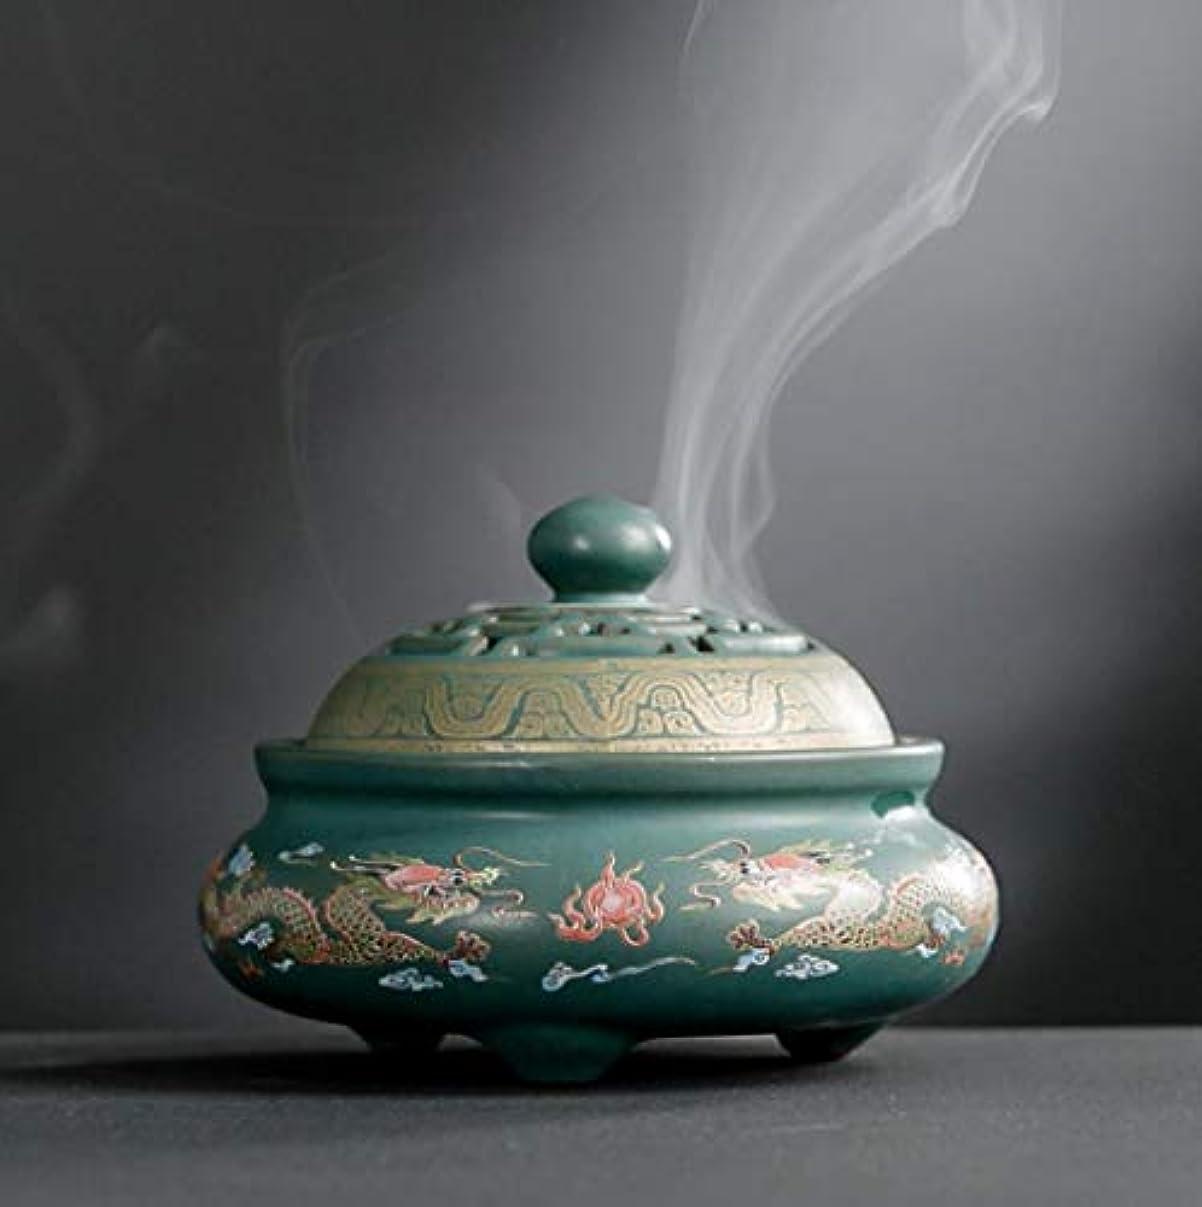 好色な小麦粉クロスYONIK 香炉 渦巻き線香ホルダー 蚊取り線香ホルダー 線香入れ 磁器 香皿 蓋付き 香立て付き 和風